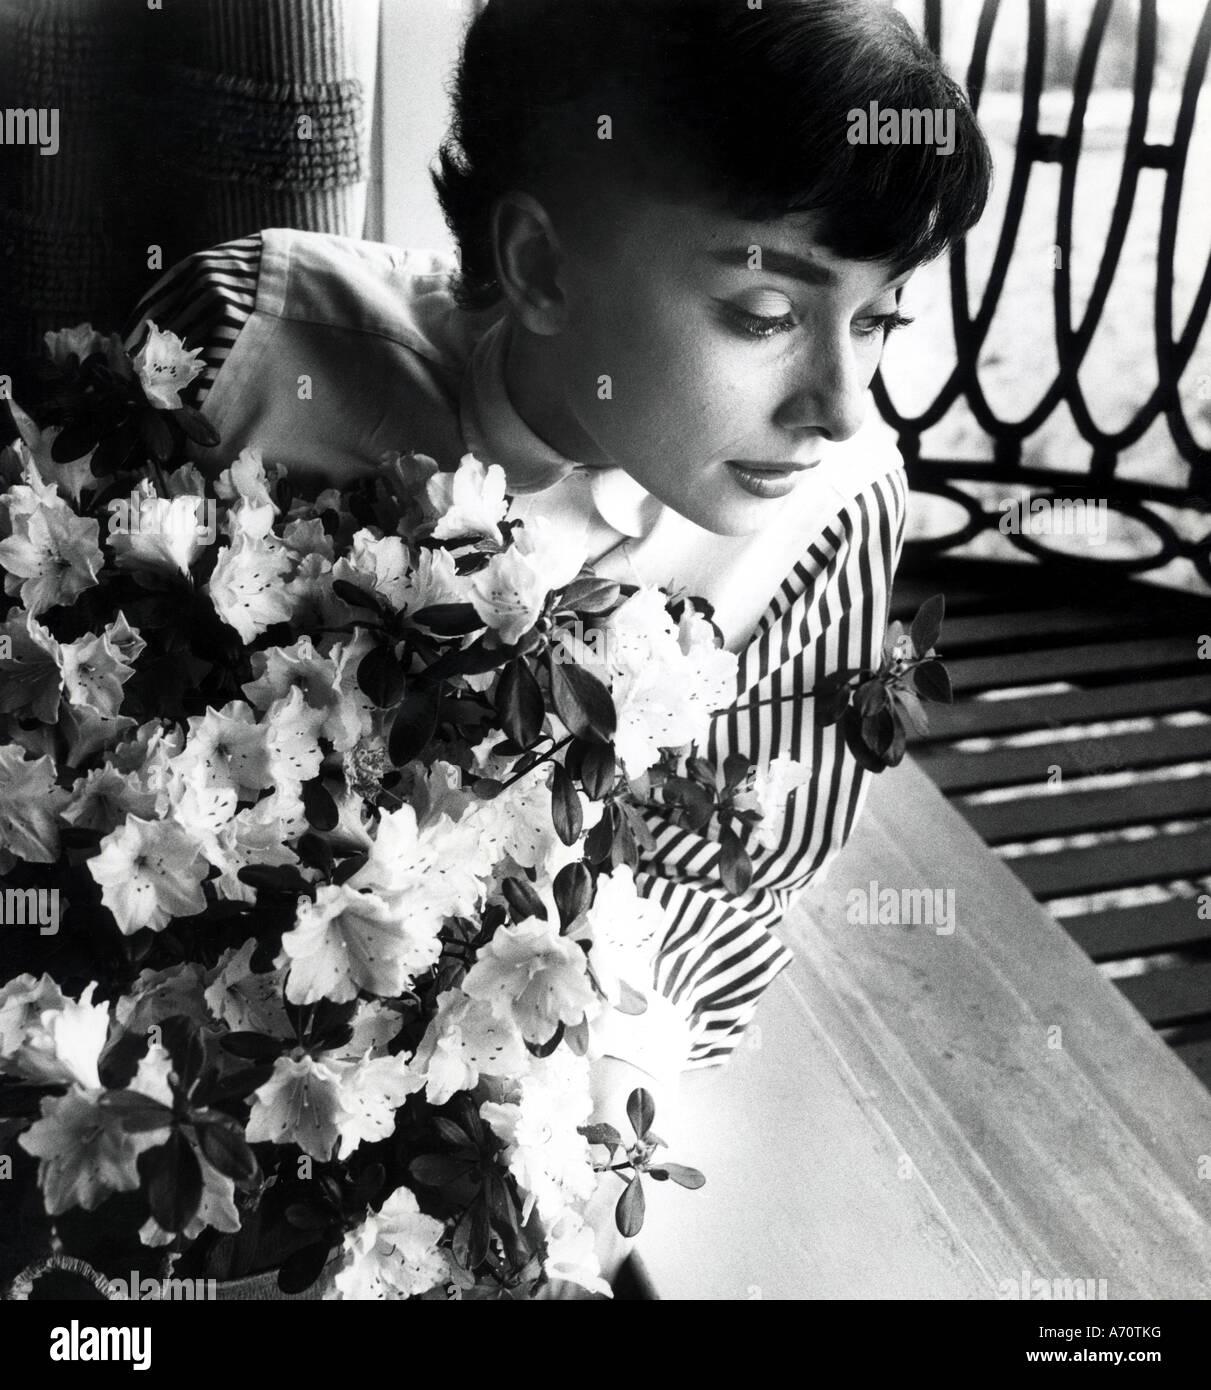 AUDREY HEPBURN - film actress about 1955 - Stock Image